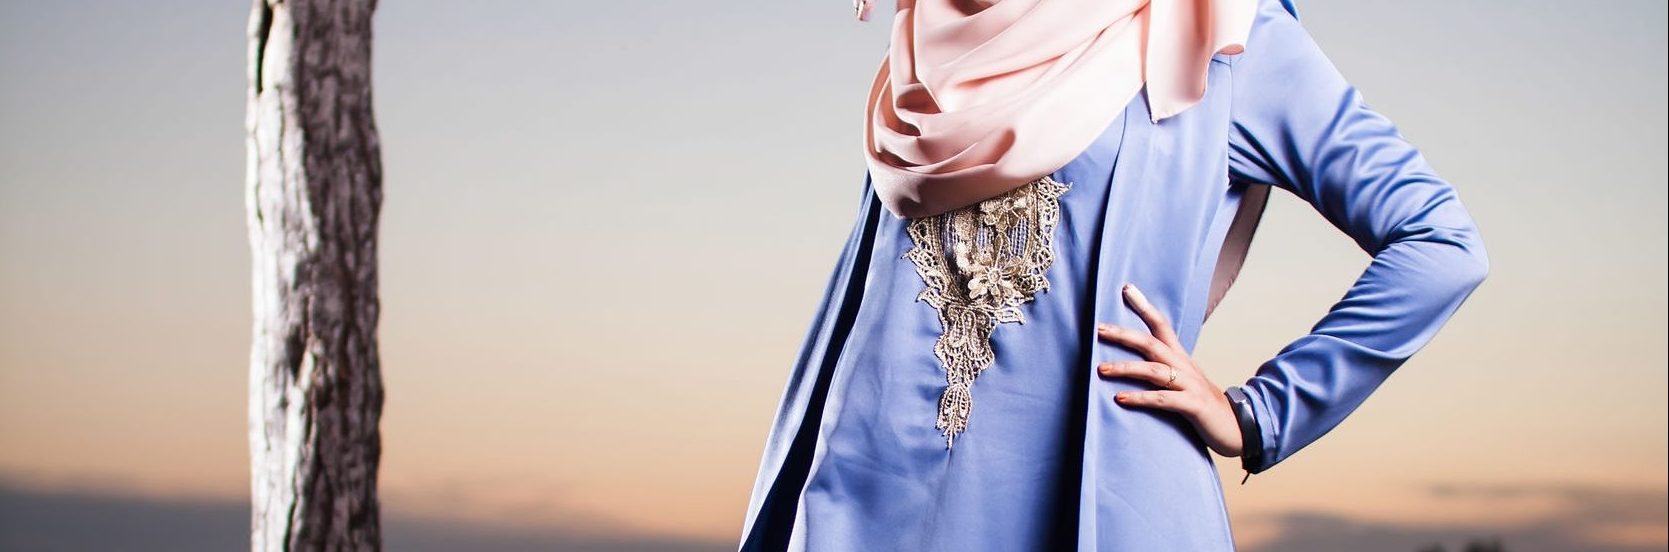 Prêt-à-porter femme musulmane